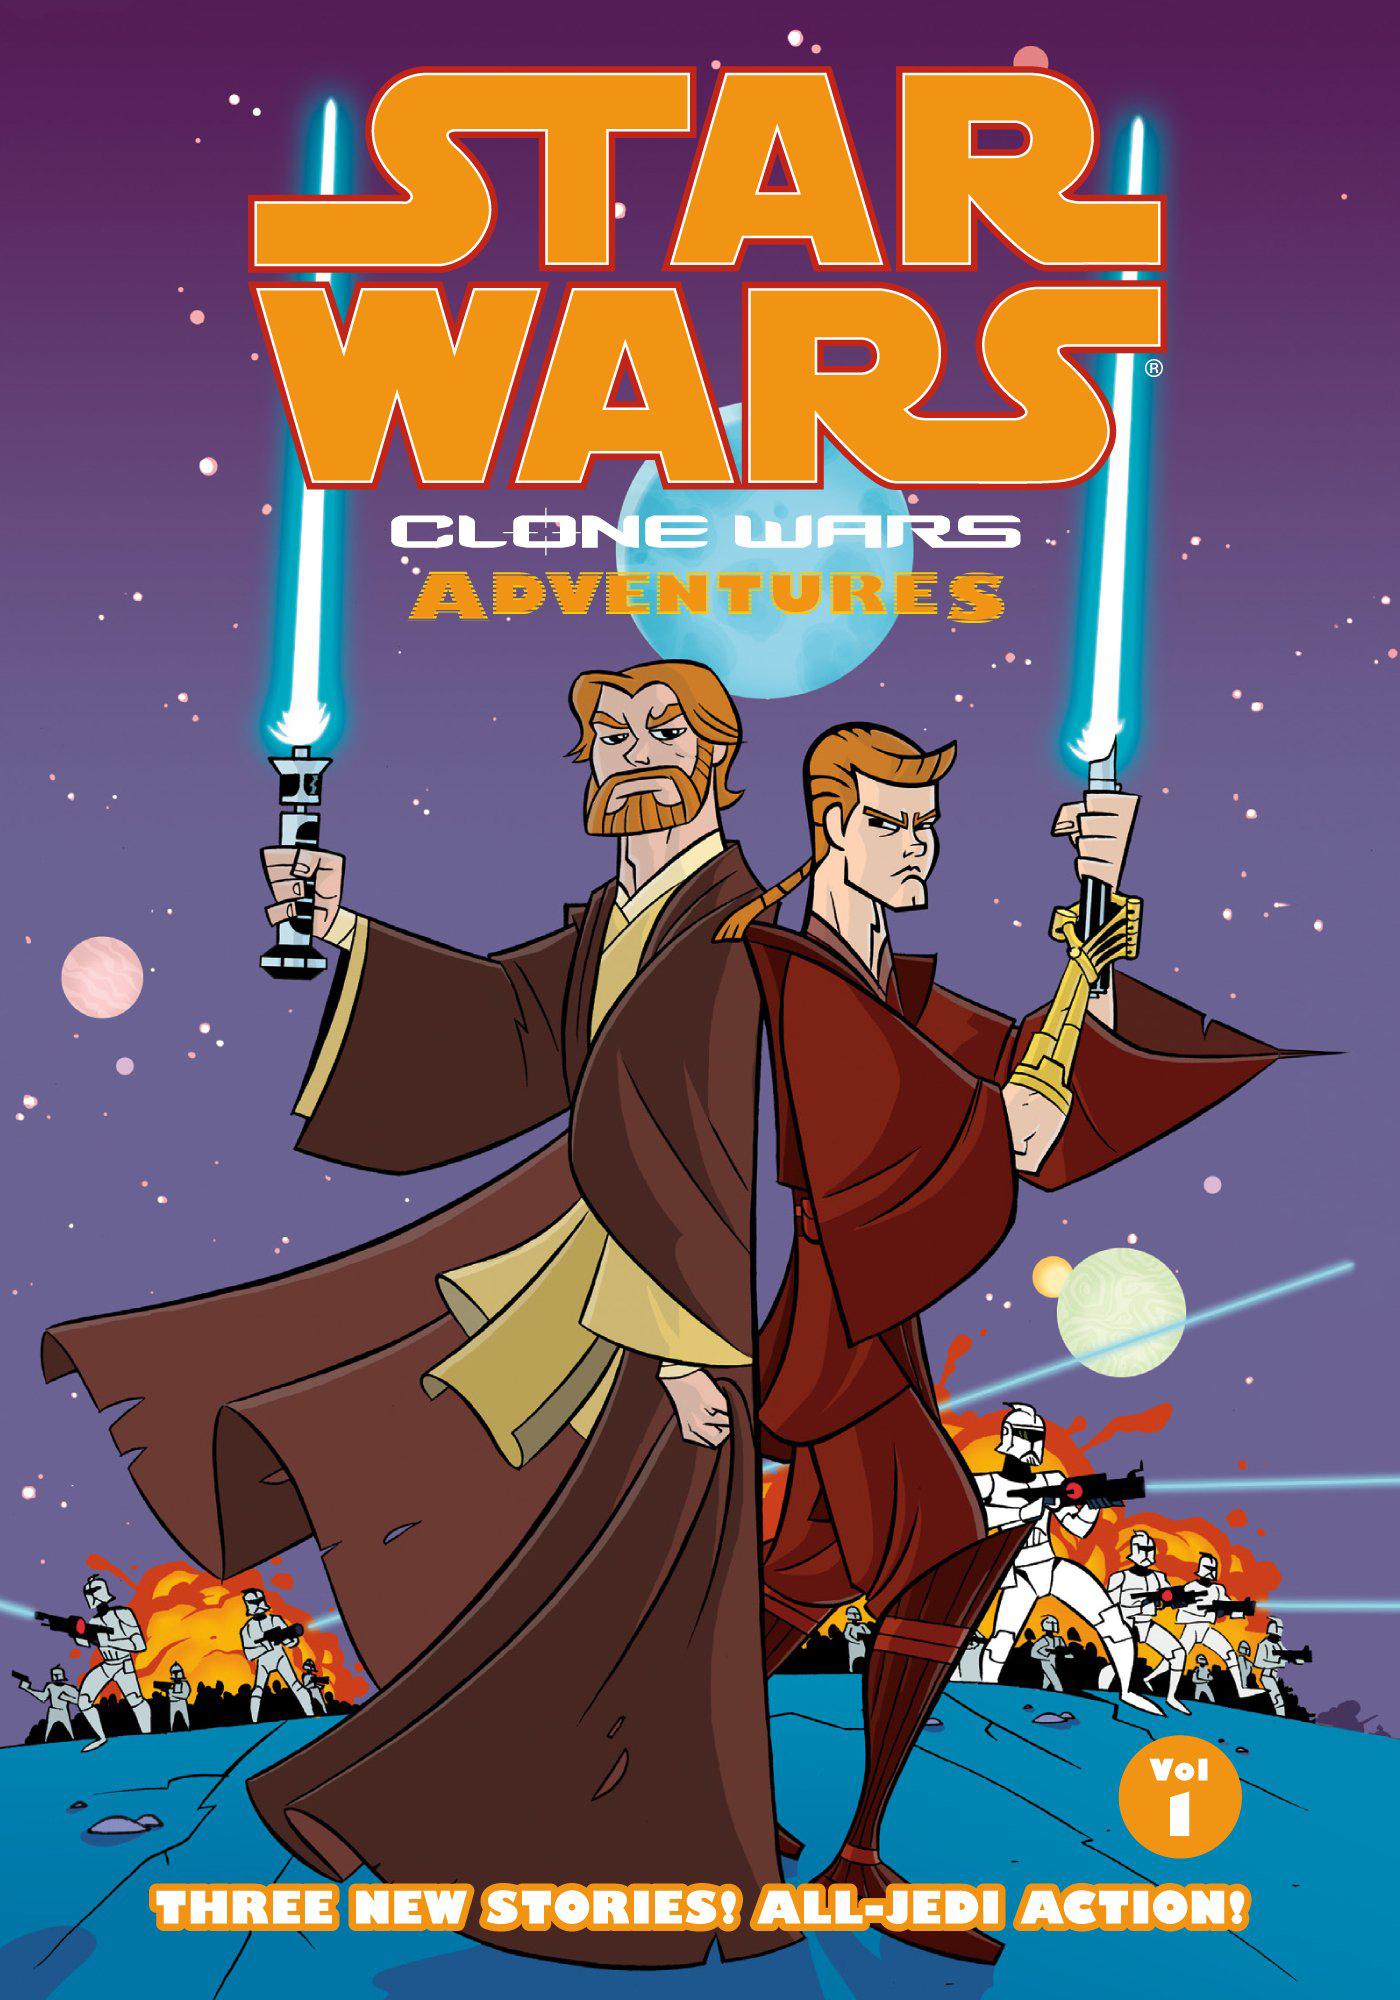 Star Wars: Clone Wars Adventures (comics) | Wookieepedia ...